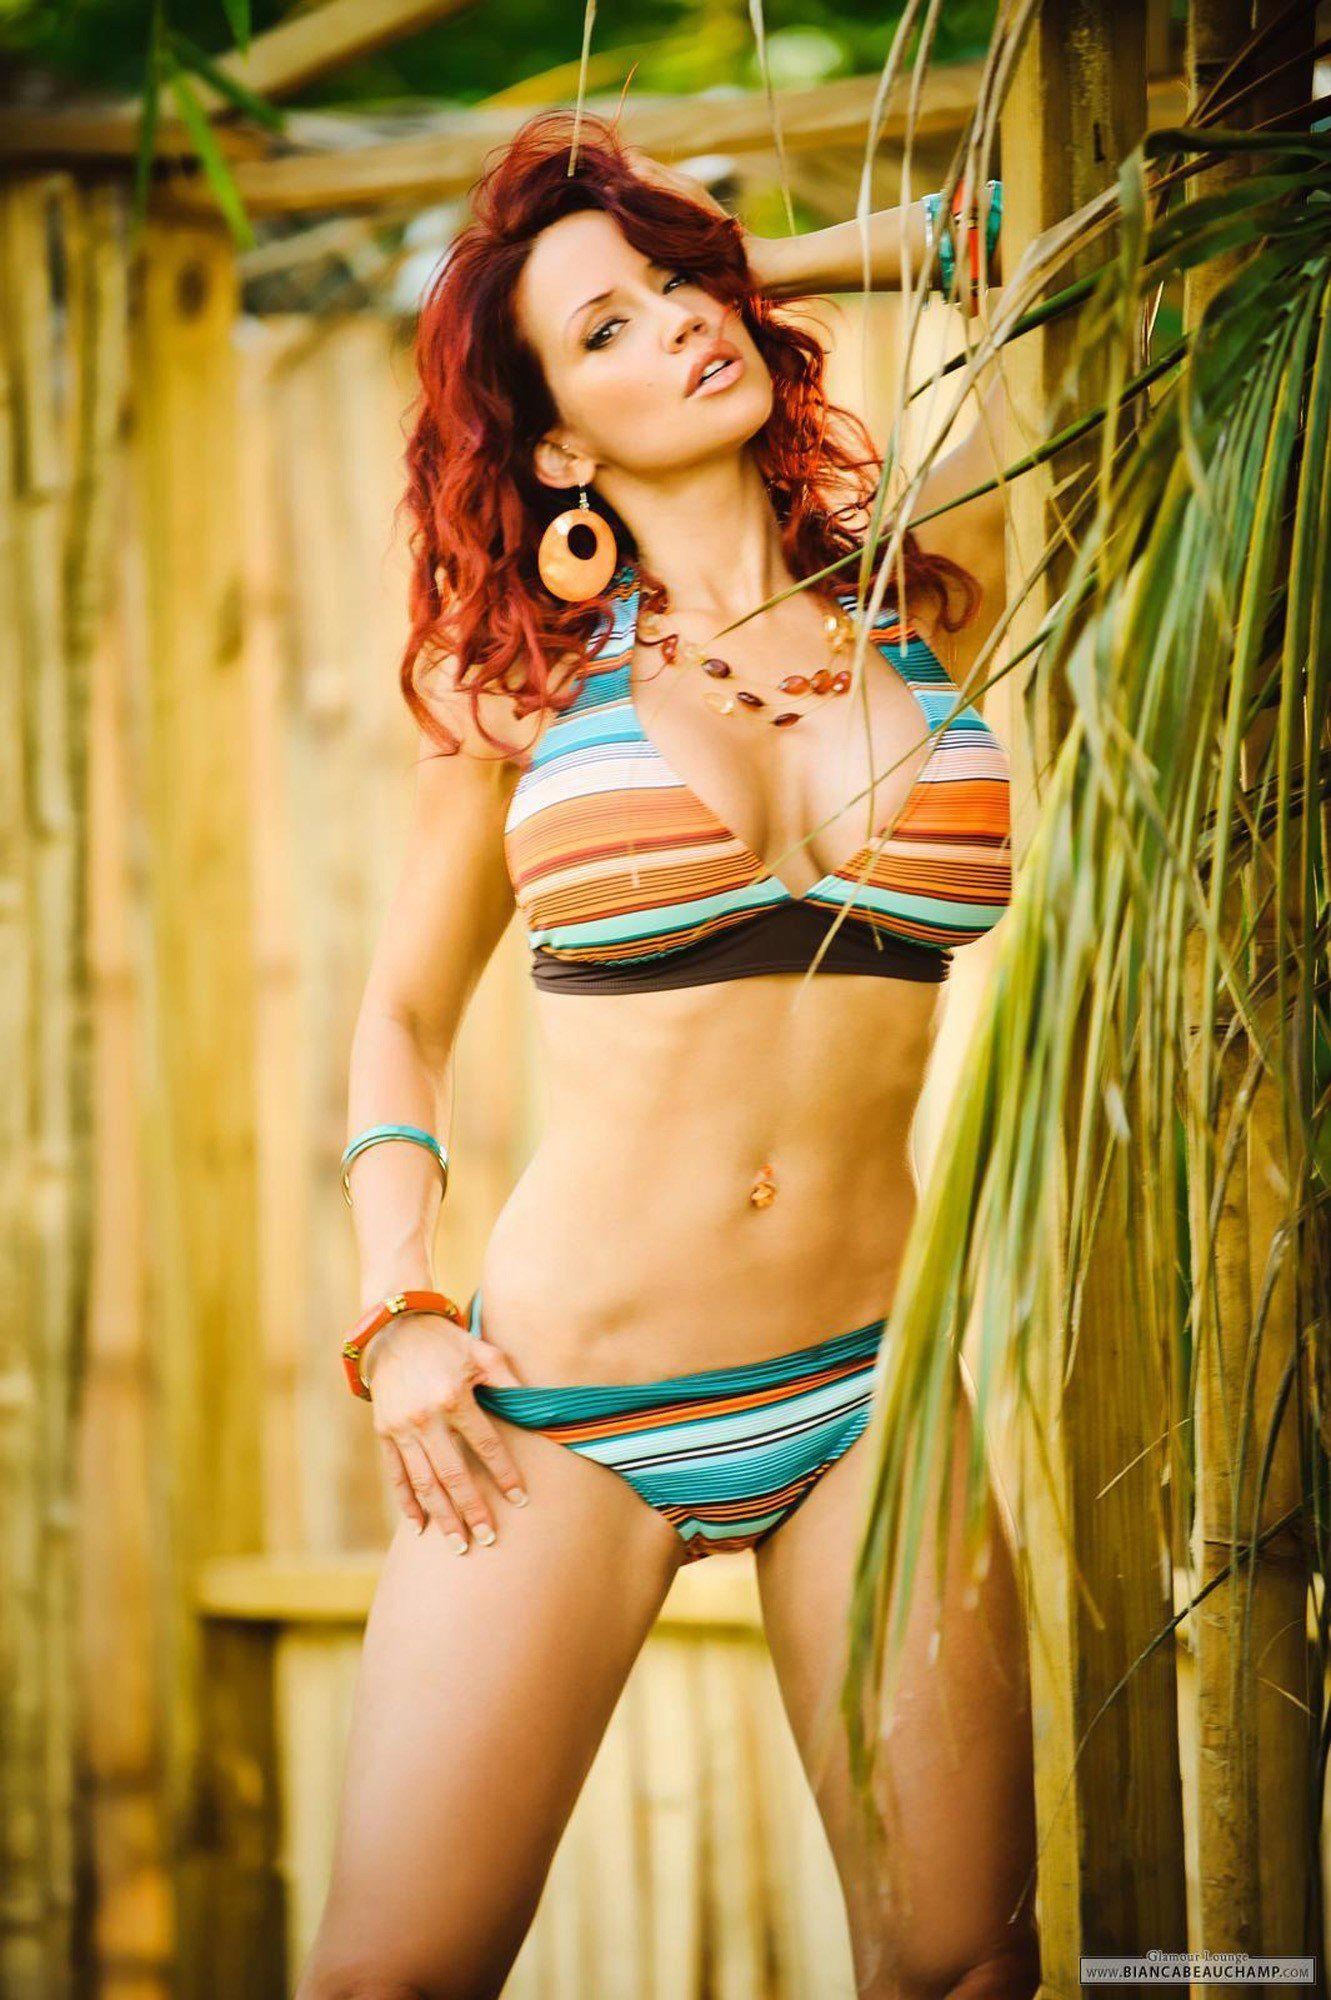 Ref reccomend Rate leggy bikini redhead